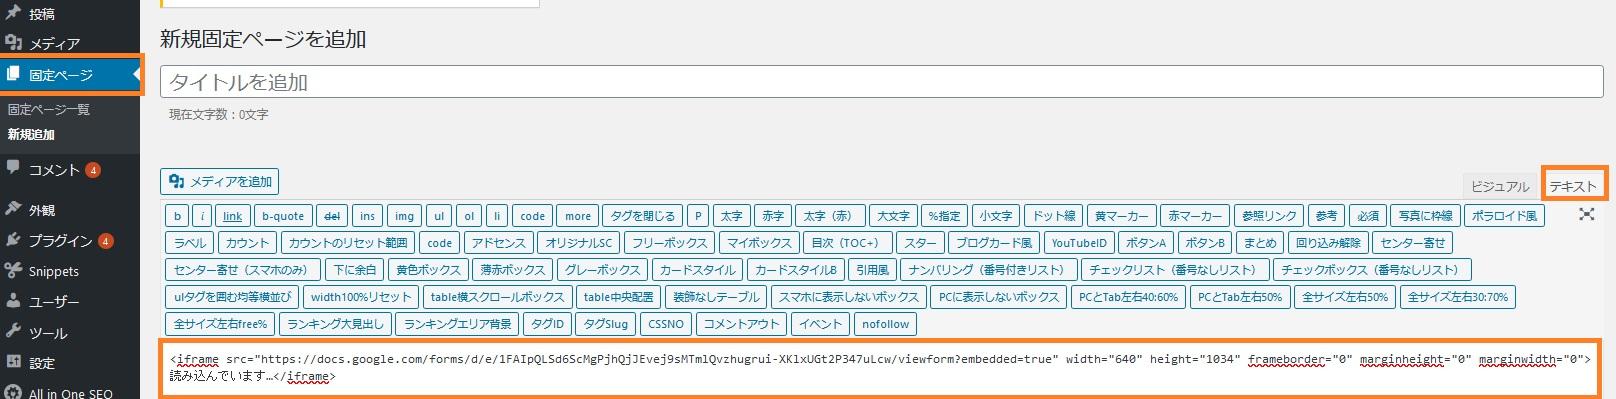 GoogleフォームのHTMLコードをWordPressへ貼り付ける